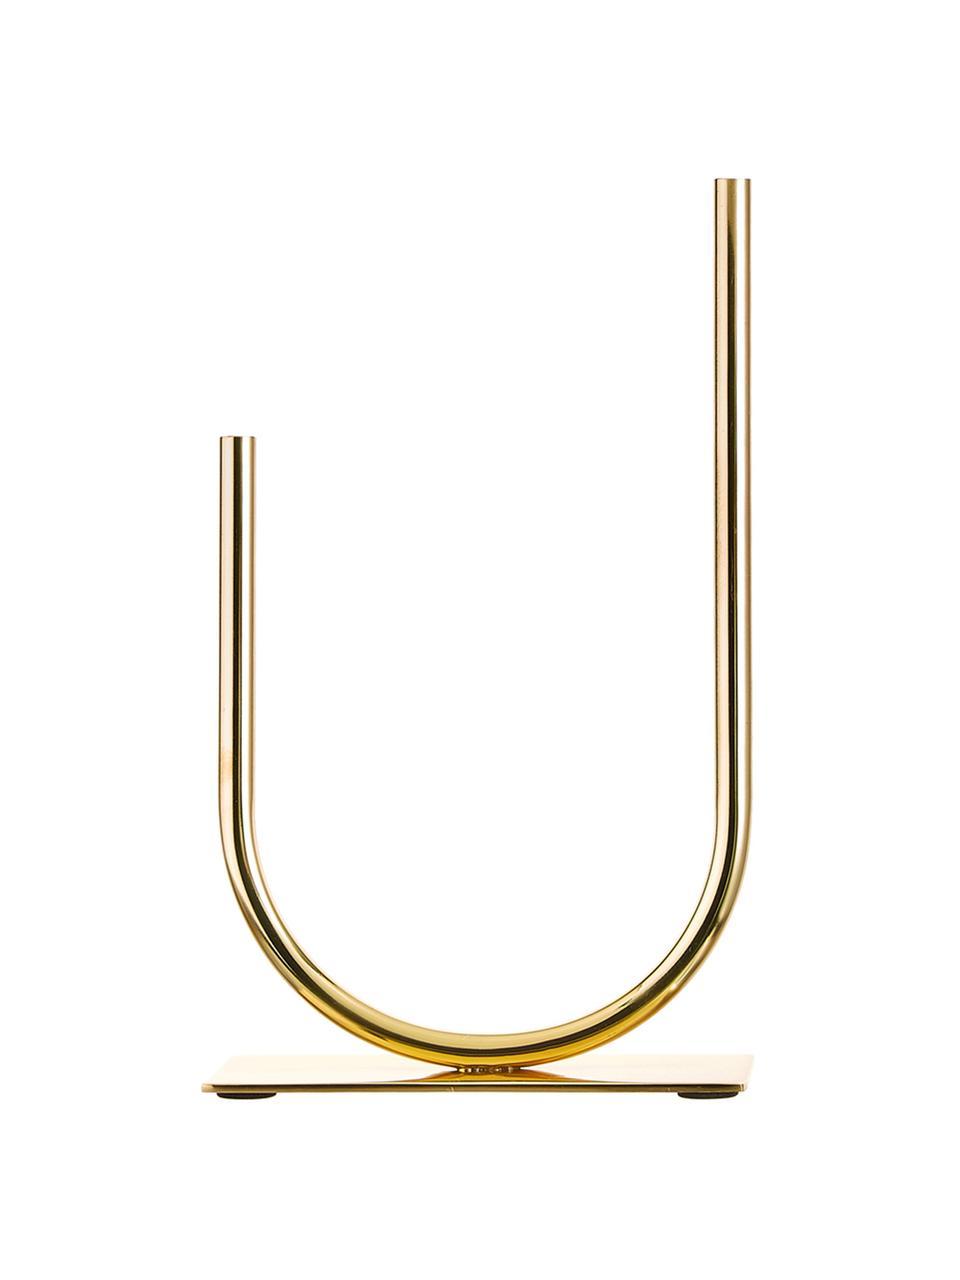 Dekoracja Circle U, Metal, Odcienie złotego, S 19 x W 30 cm